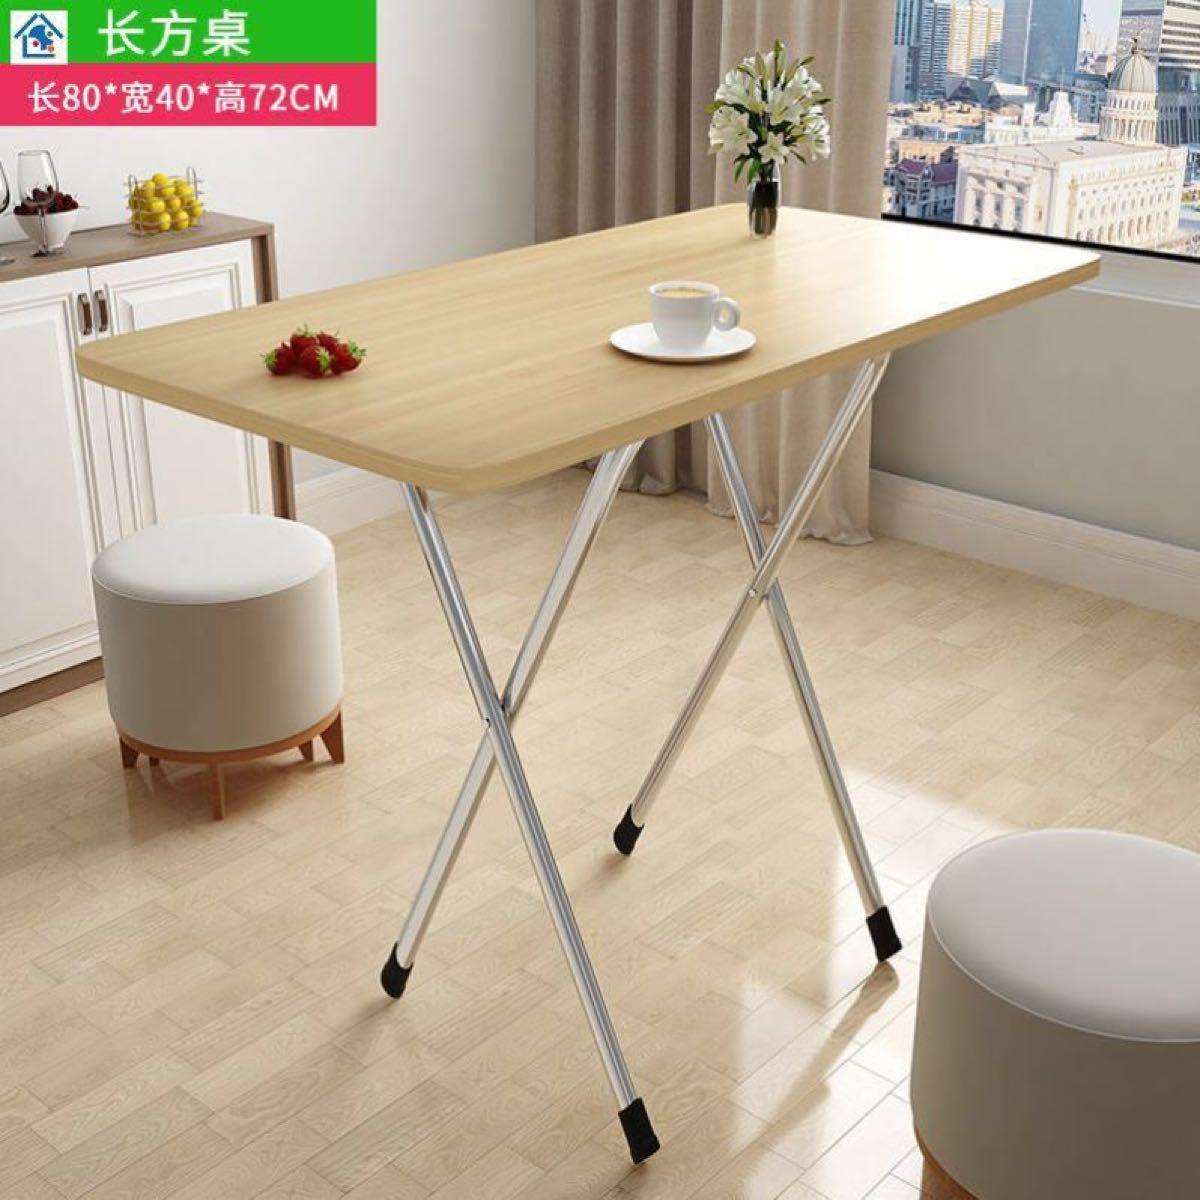 アウトドアバーベキュー テーブル  エクステンションテーブル